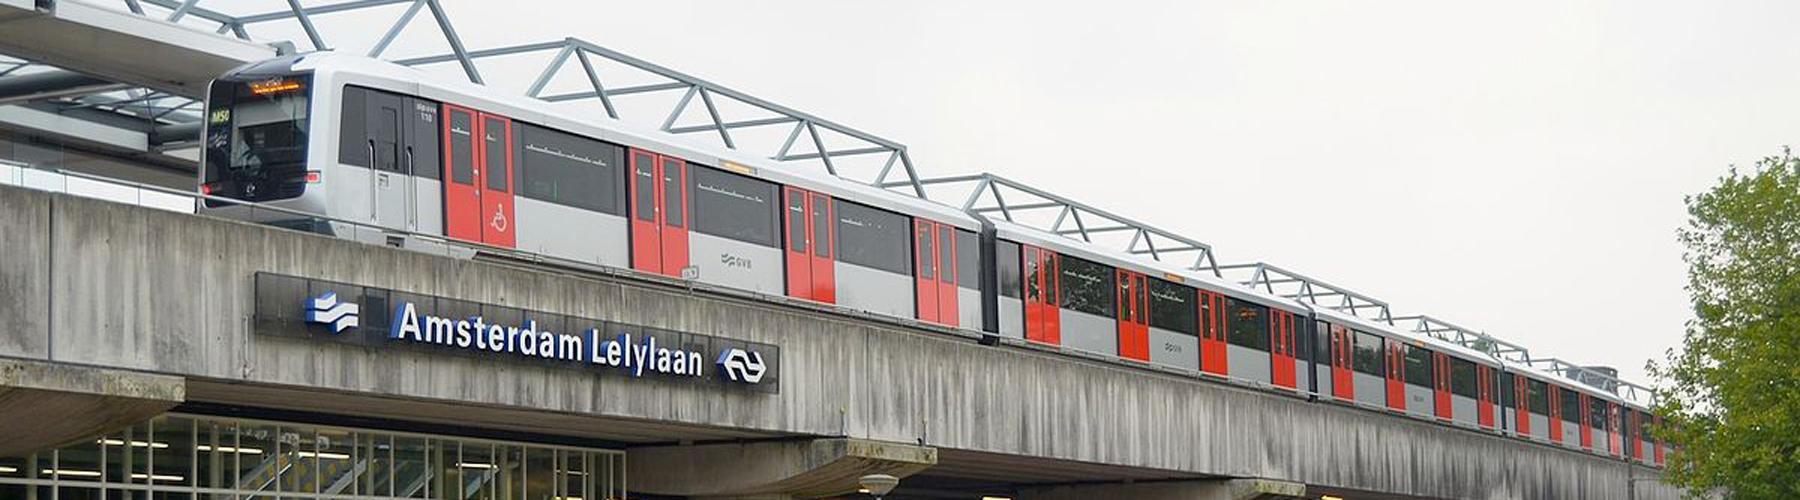 Amsterdam – Albergues próximos a Amsterdam Lelylaan estação ferroviária. Mapas para Amsterdam, Fotos e Avaliações para cada Albergue em Amsterdam.